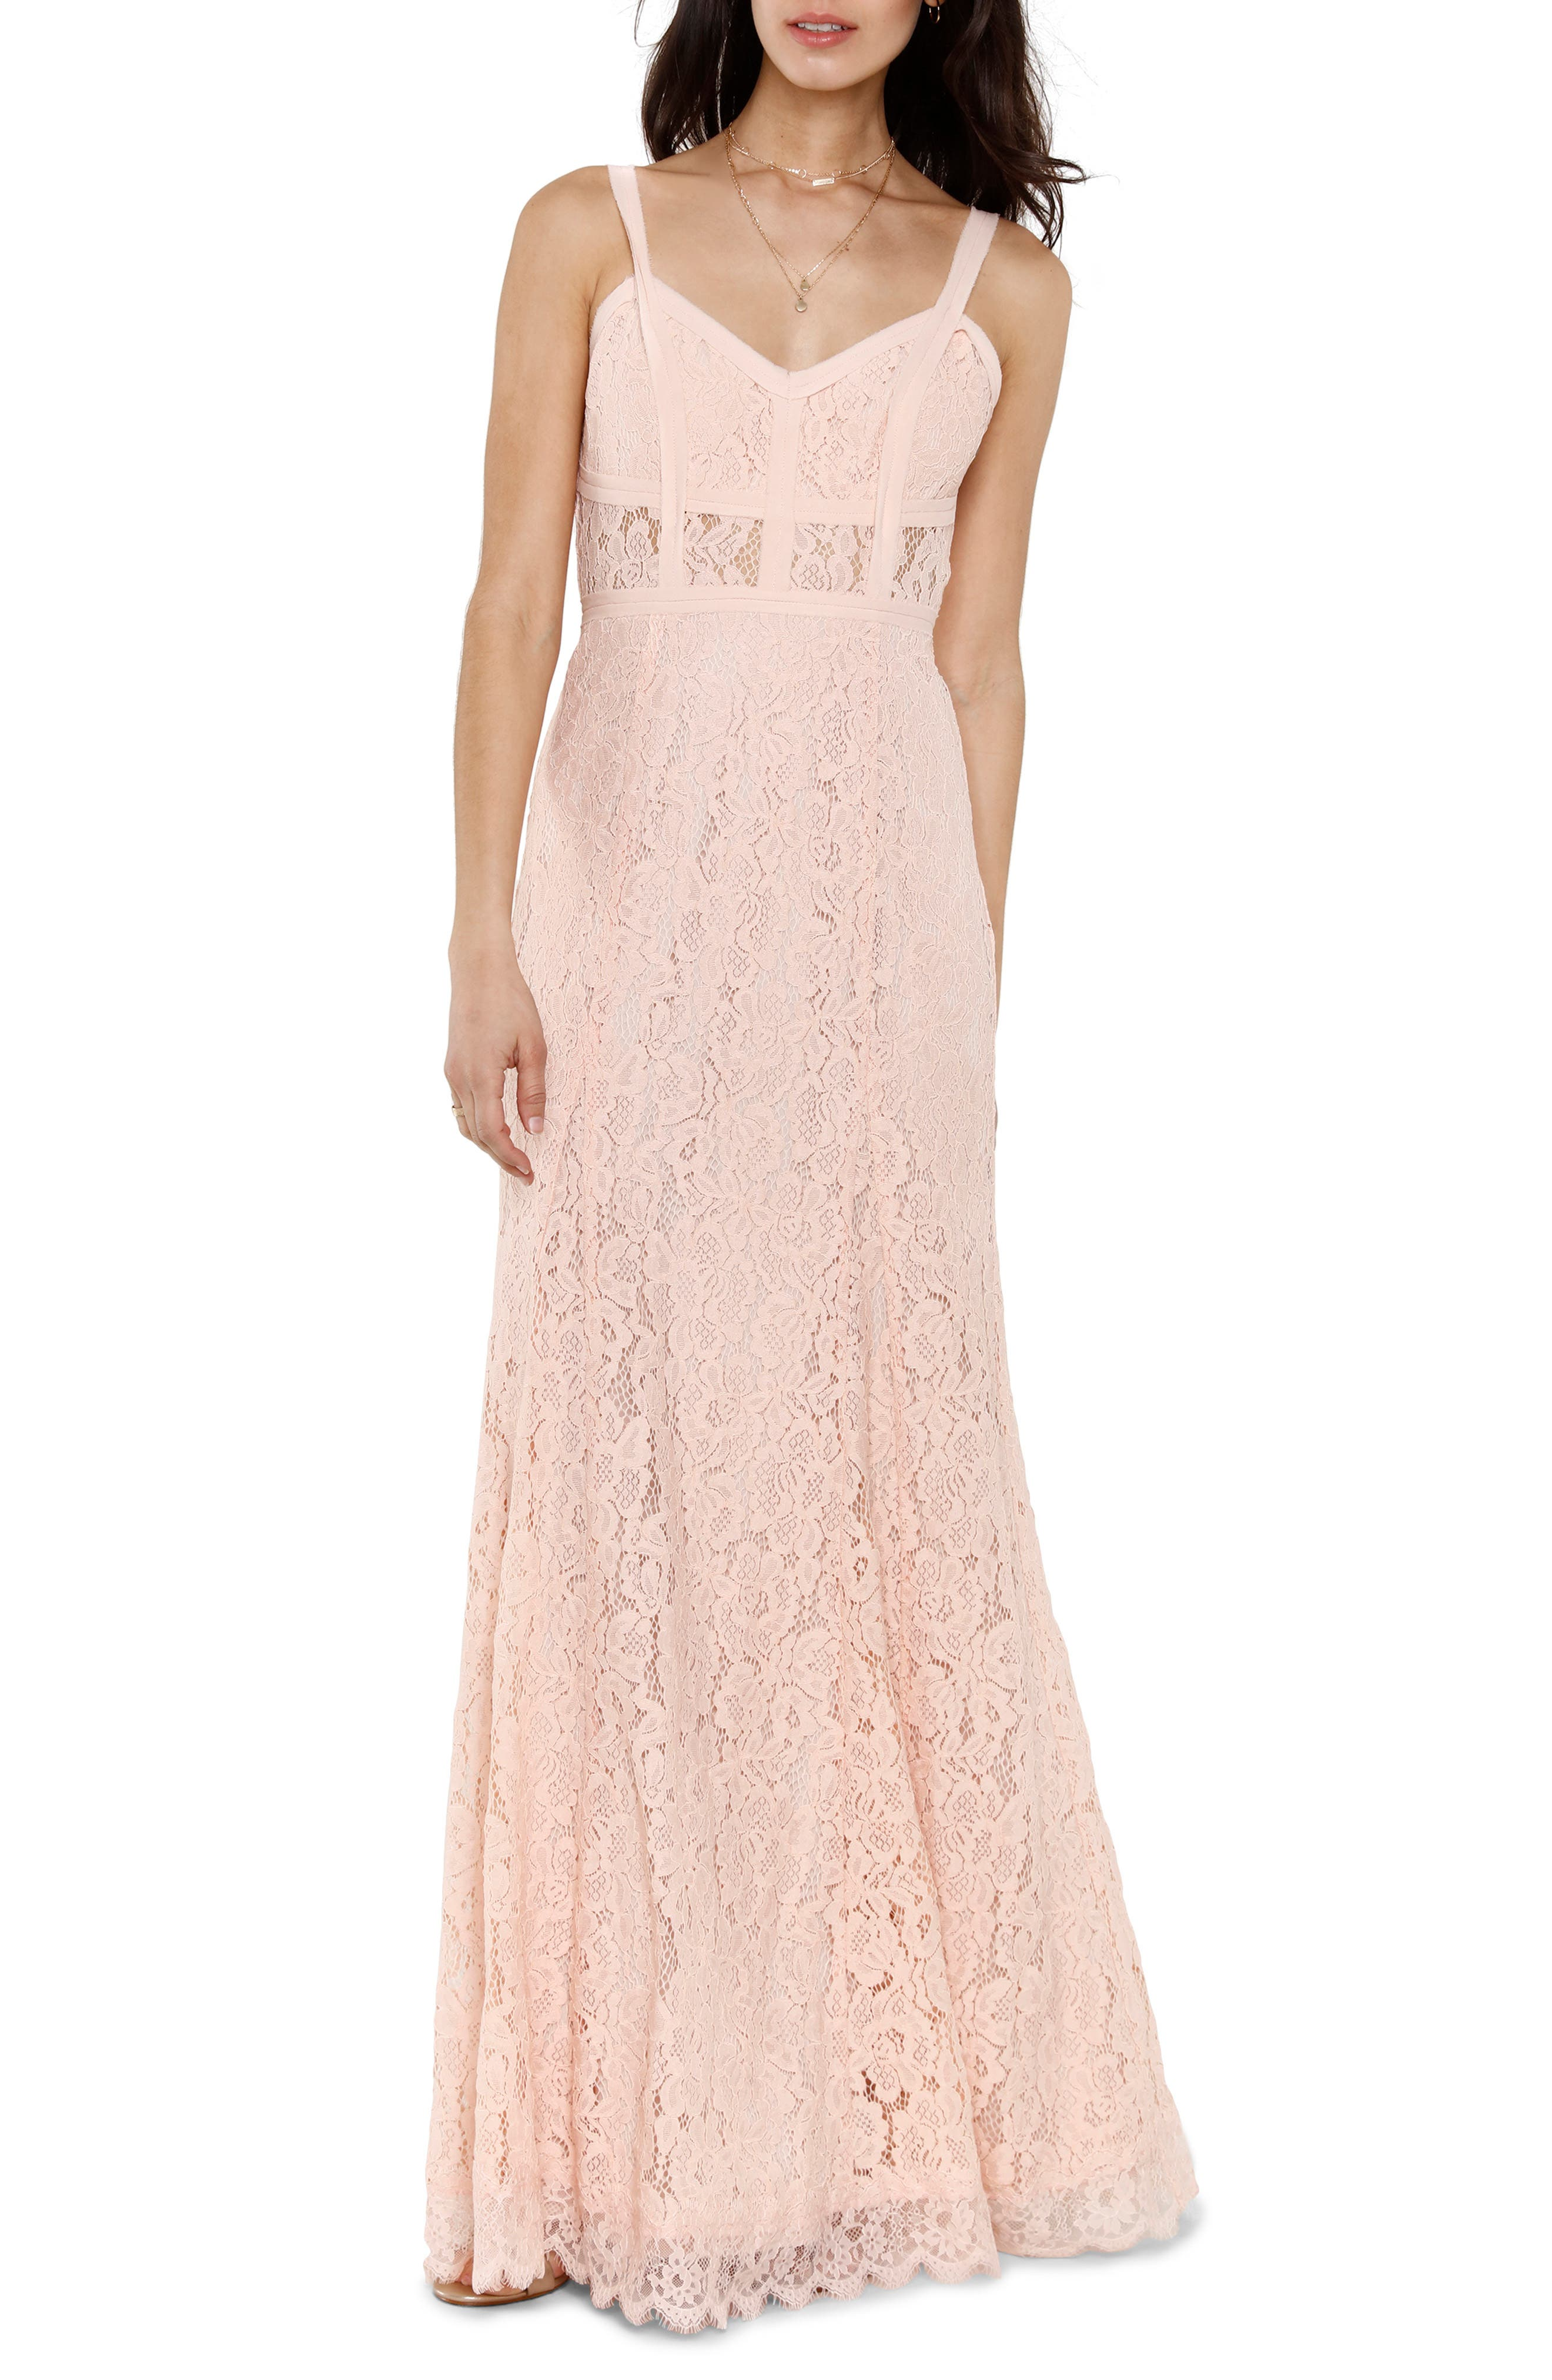 Esti Bustier Bodice Lace Gown,                             Main thumbnail 1, color,                             BLUSH